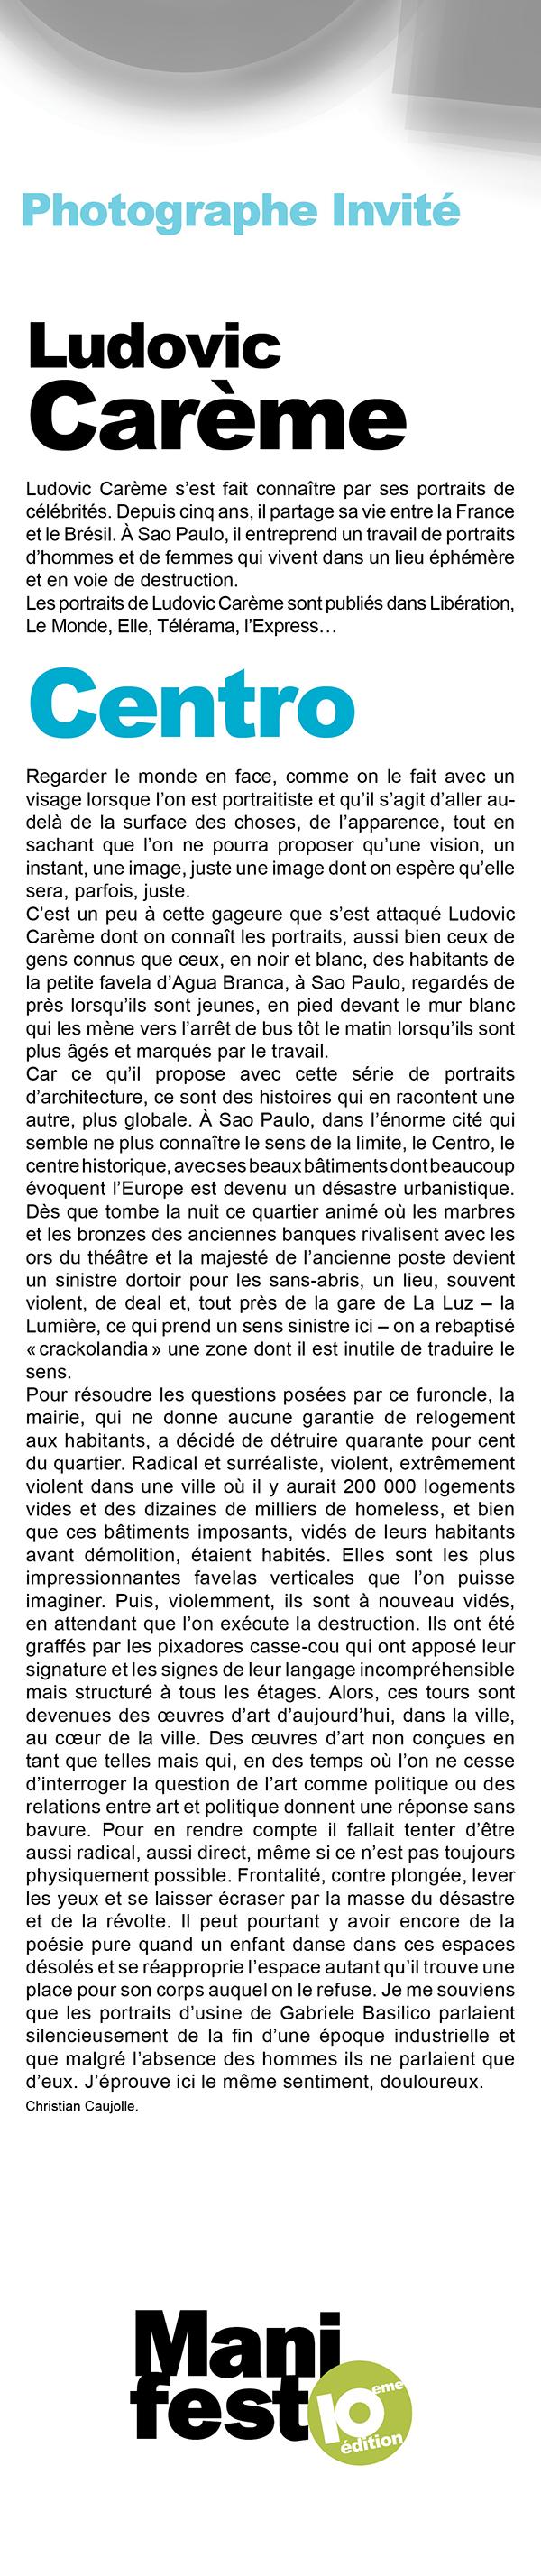 manifesto_4